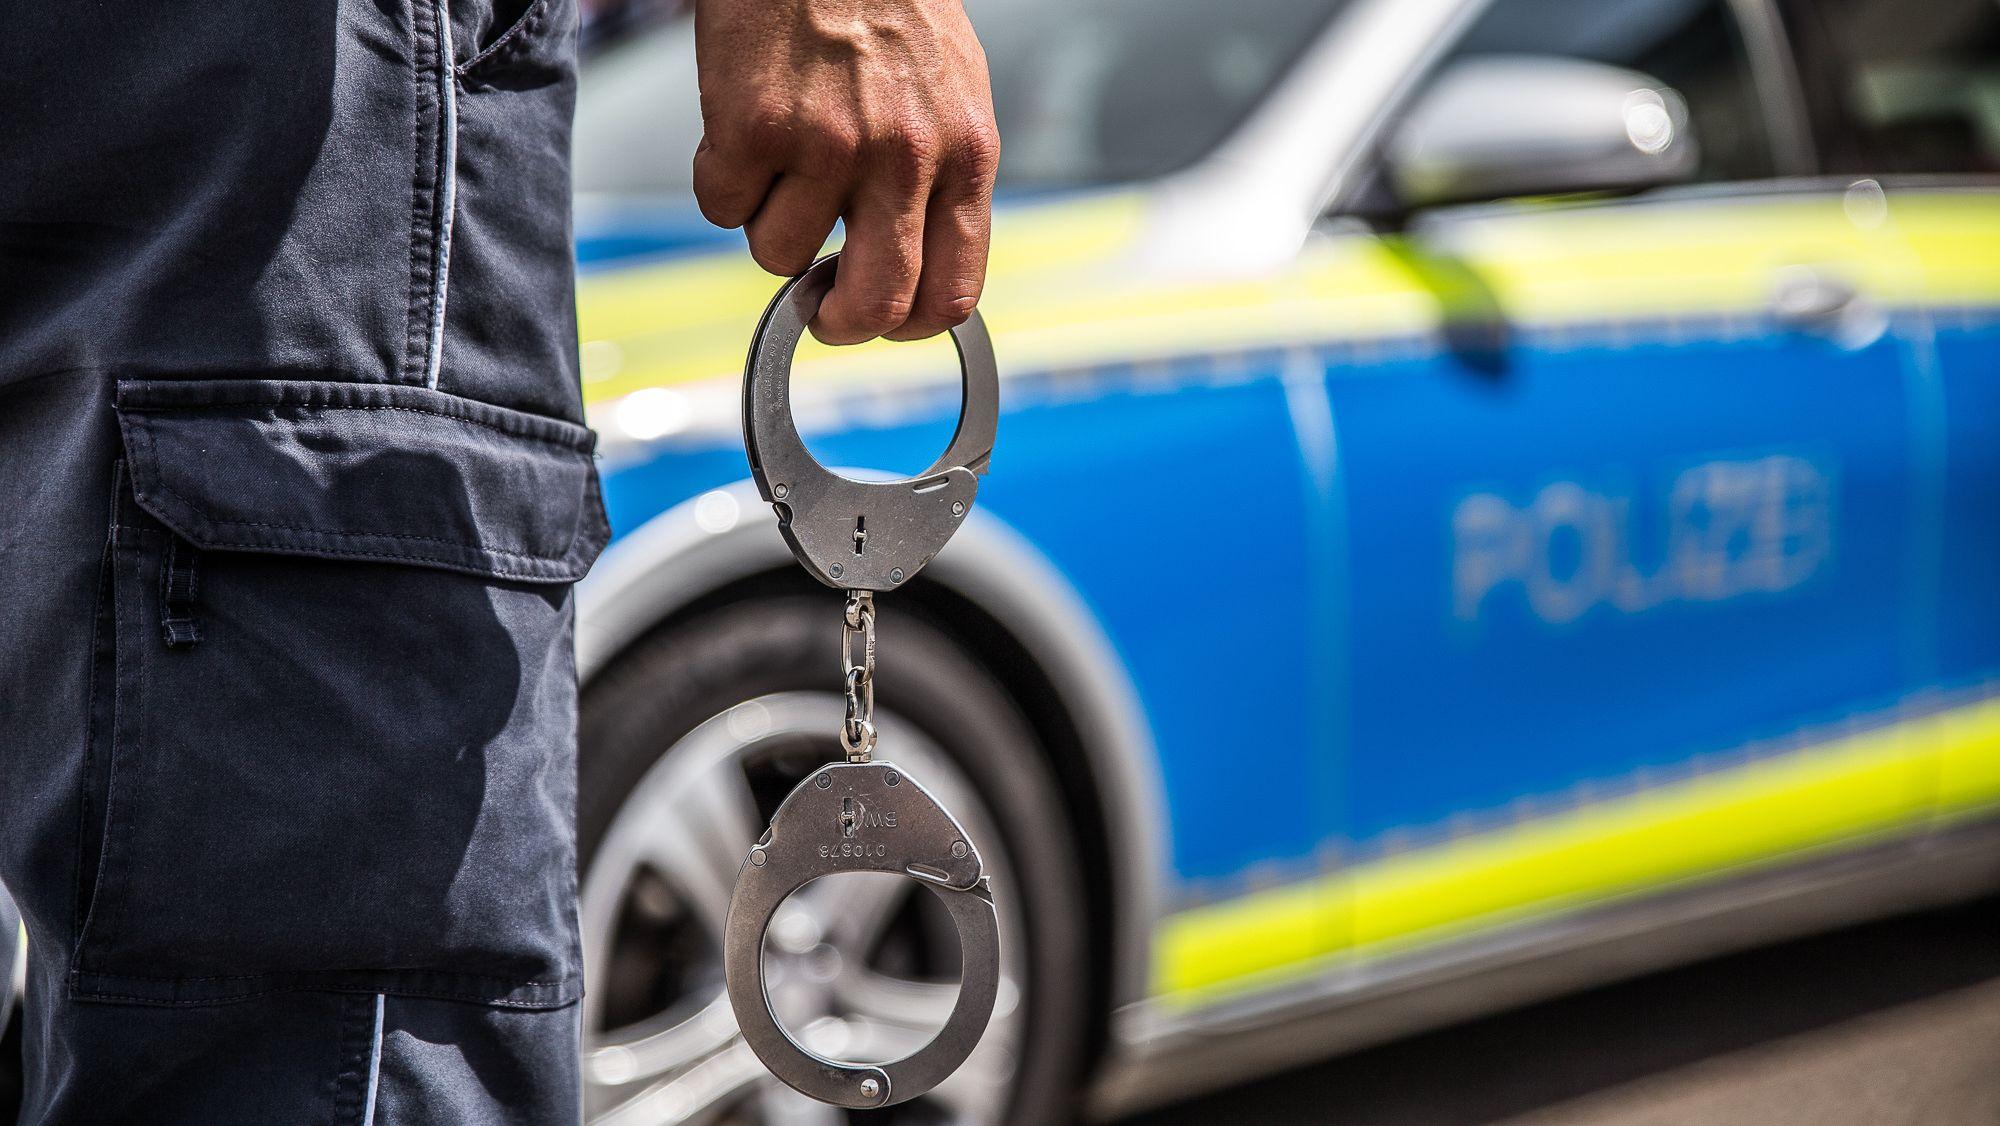 Sieben Banküberfälle: Haftbefehl gegen 56-Jährigen